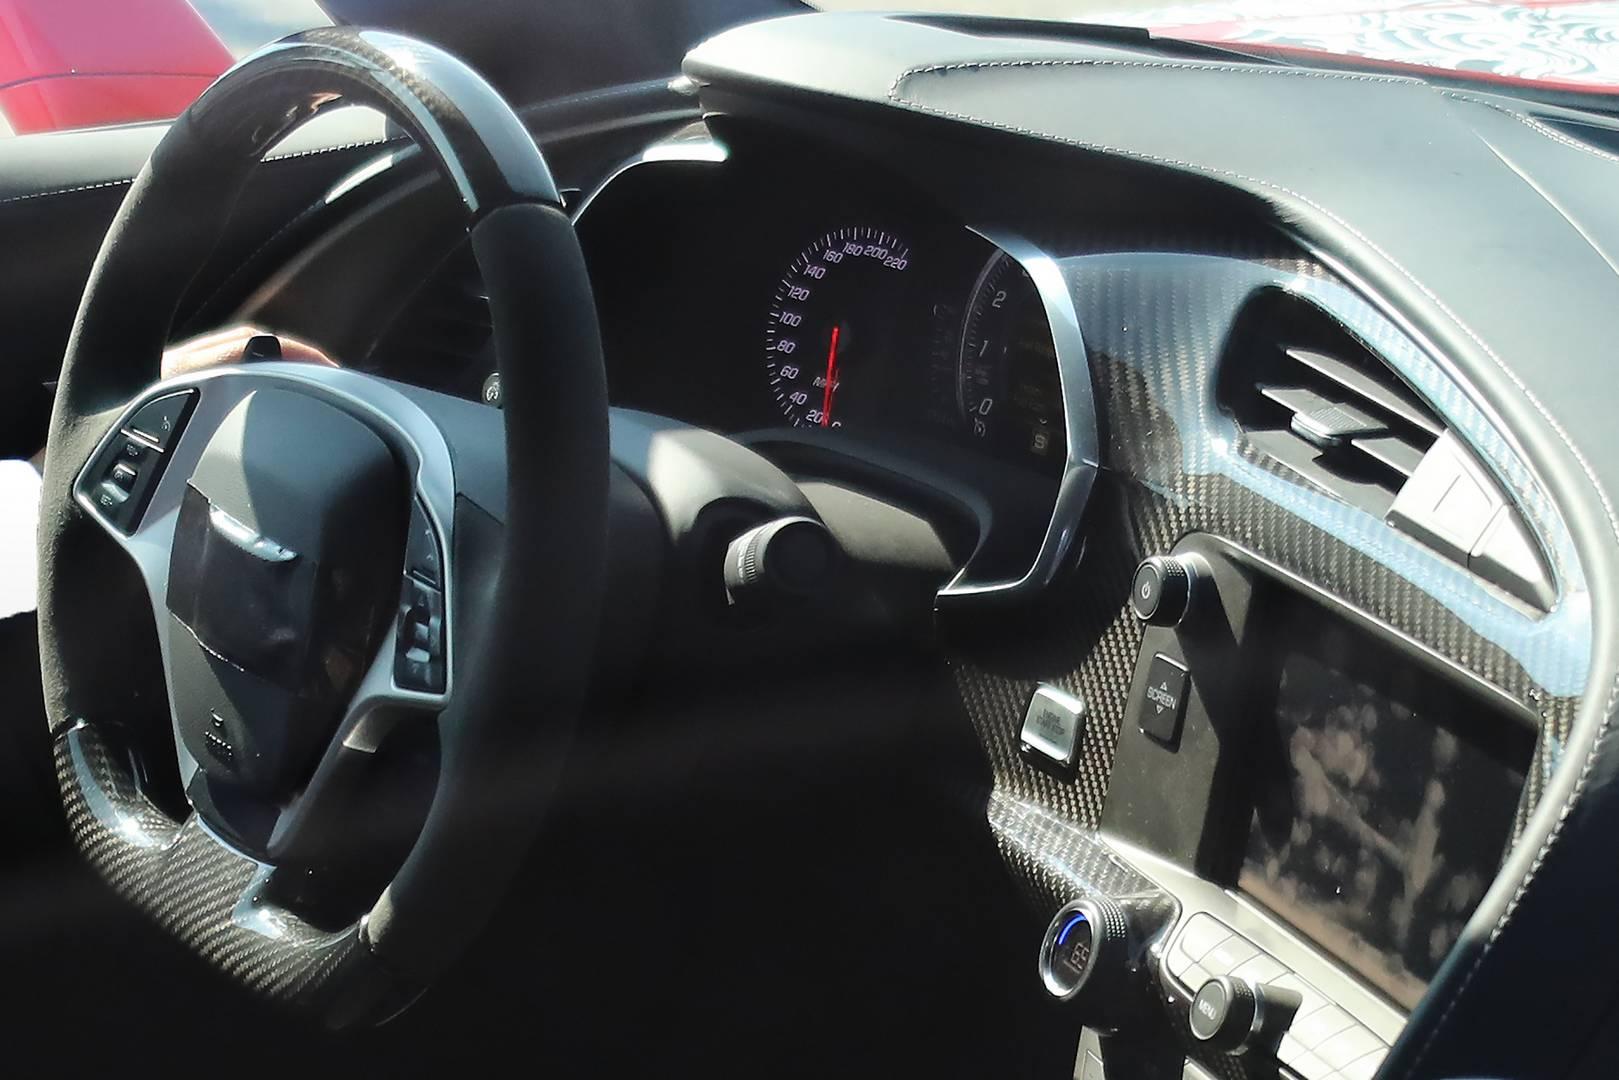 Топовая модель диапазона Corvette тестировалась по крайней мере с середины 2016 года, когда автомобиль был впервые замечен на дороге.